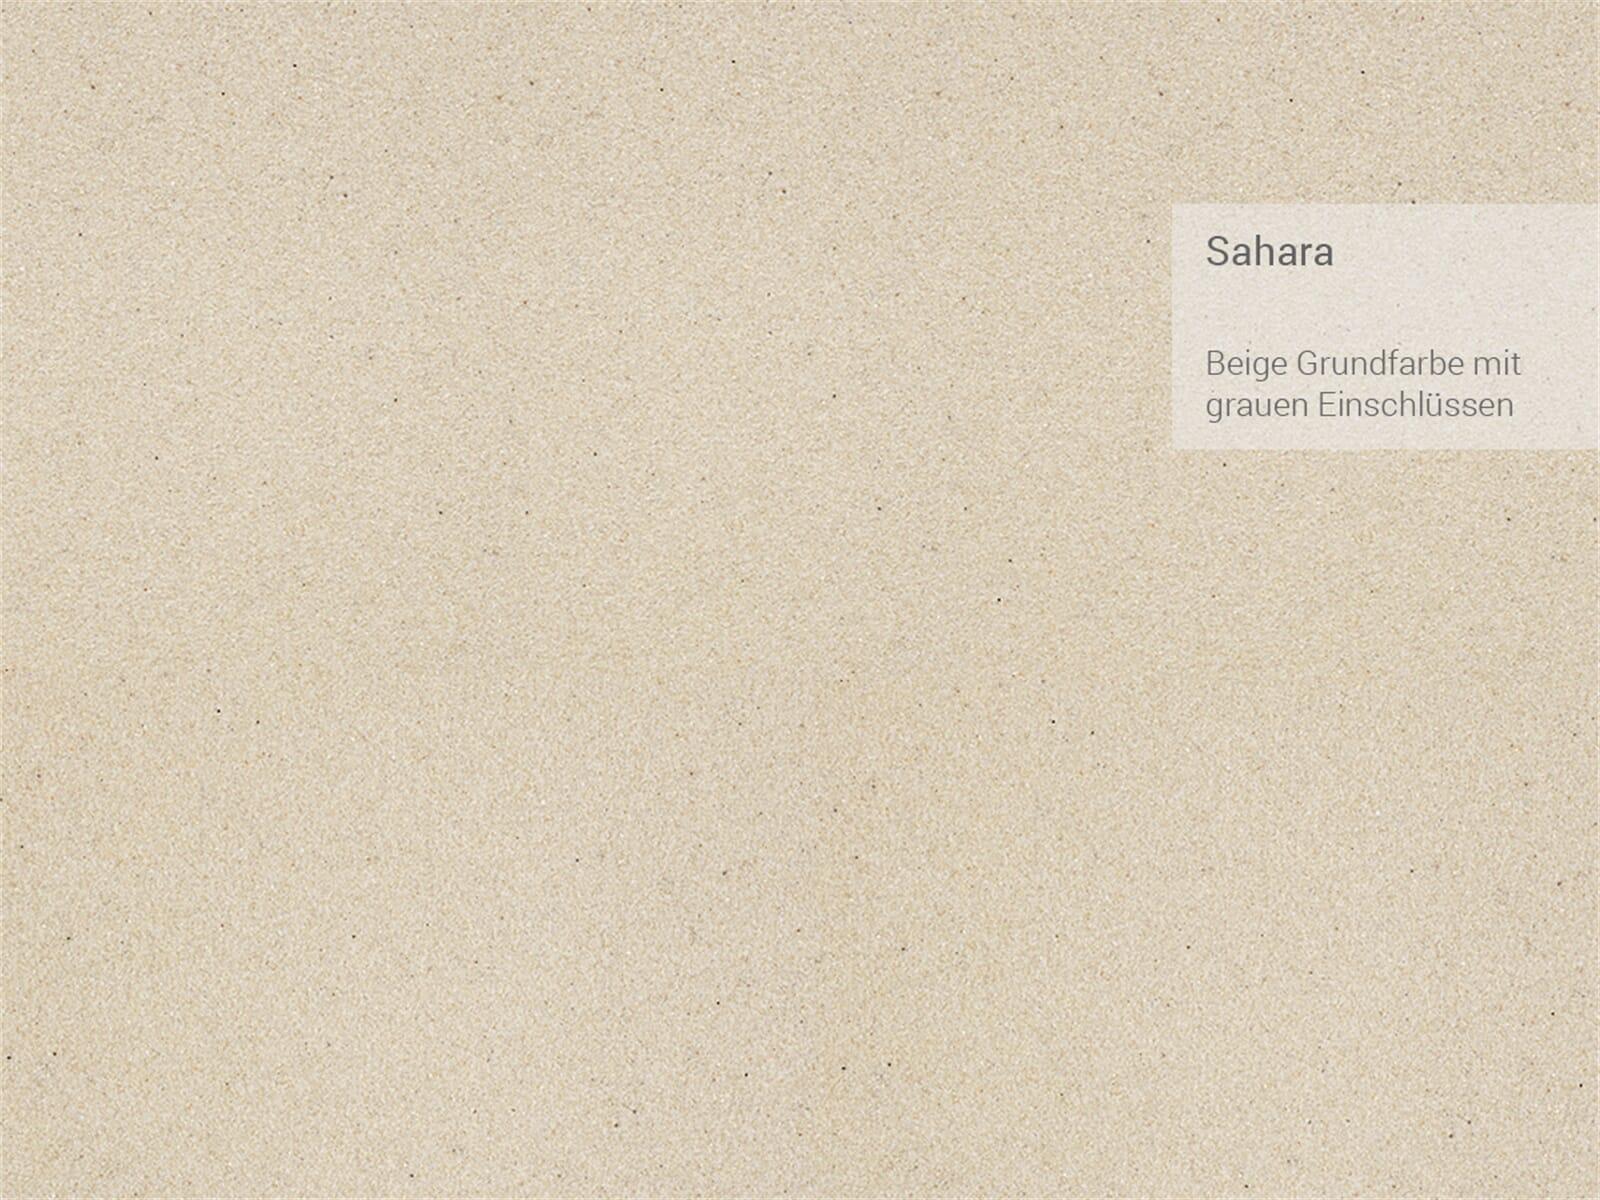 Franke Basis BFG 611-62 Sahara Granitspüle